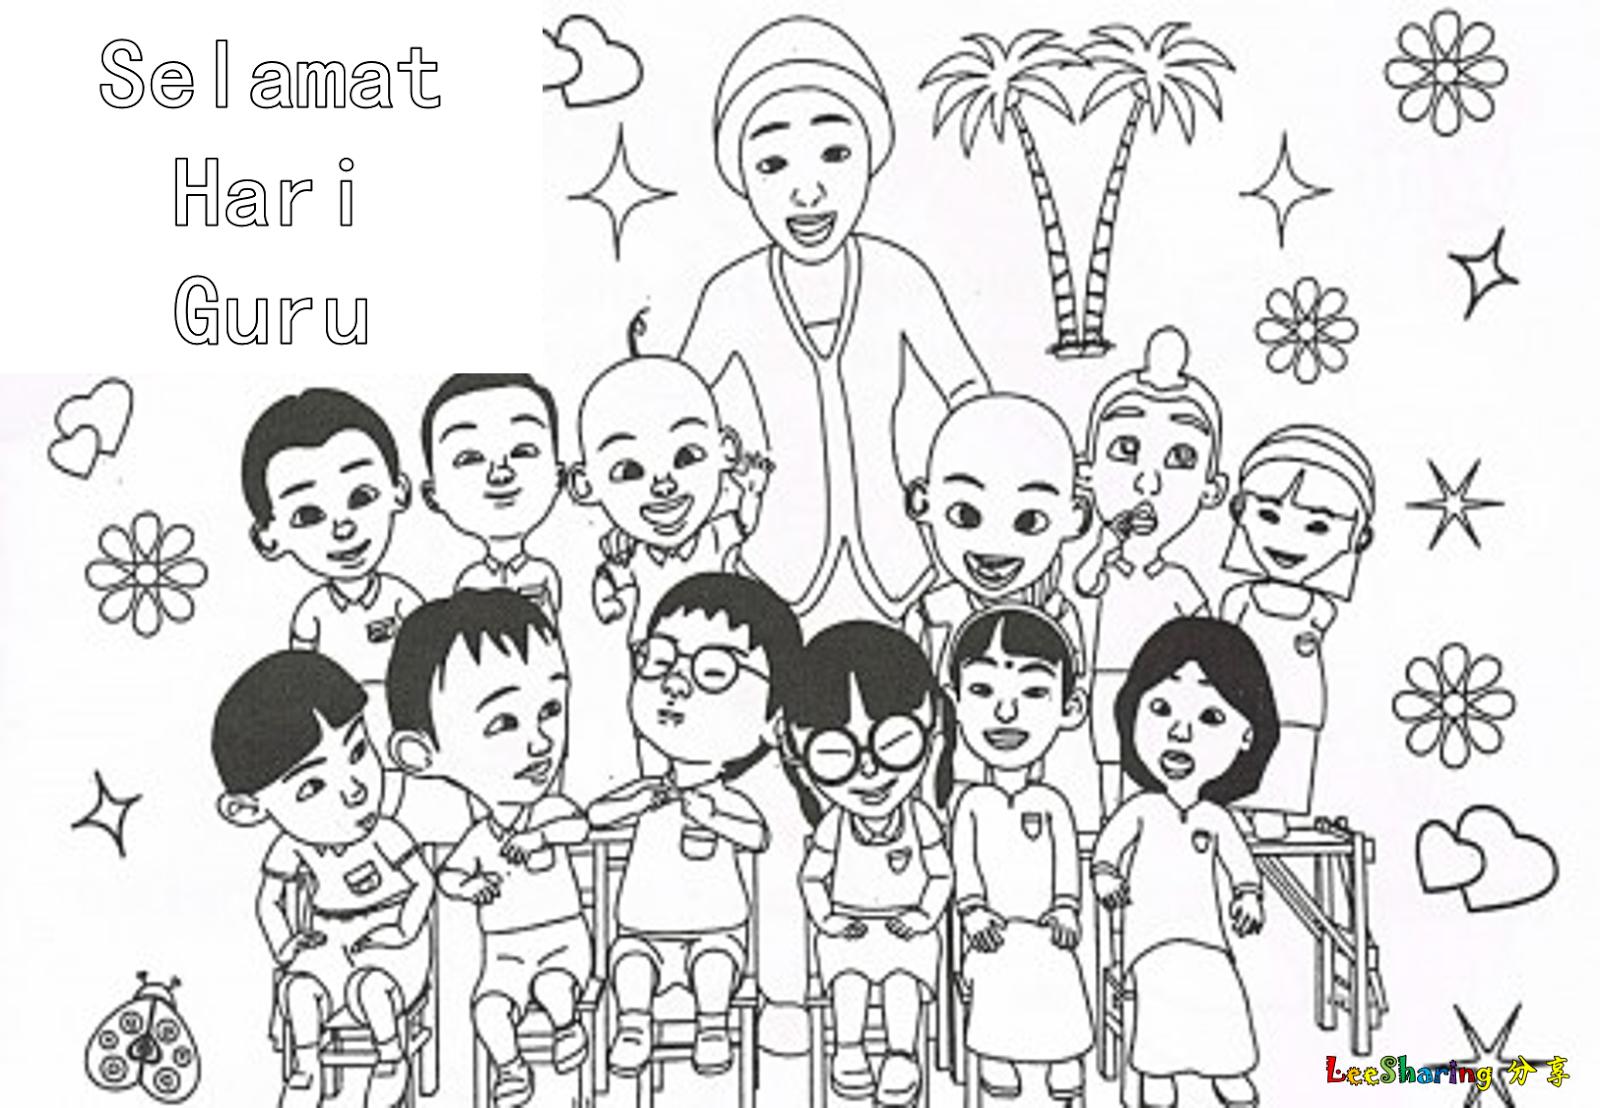 Kata Mutiara Dan DP Gambar Selamat Hari Guru